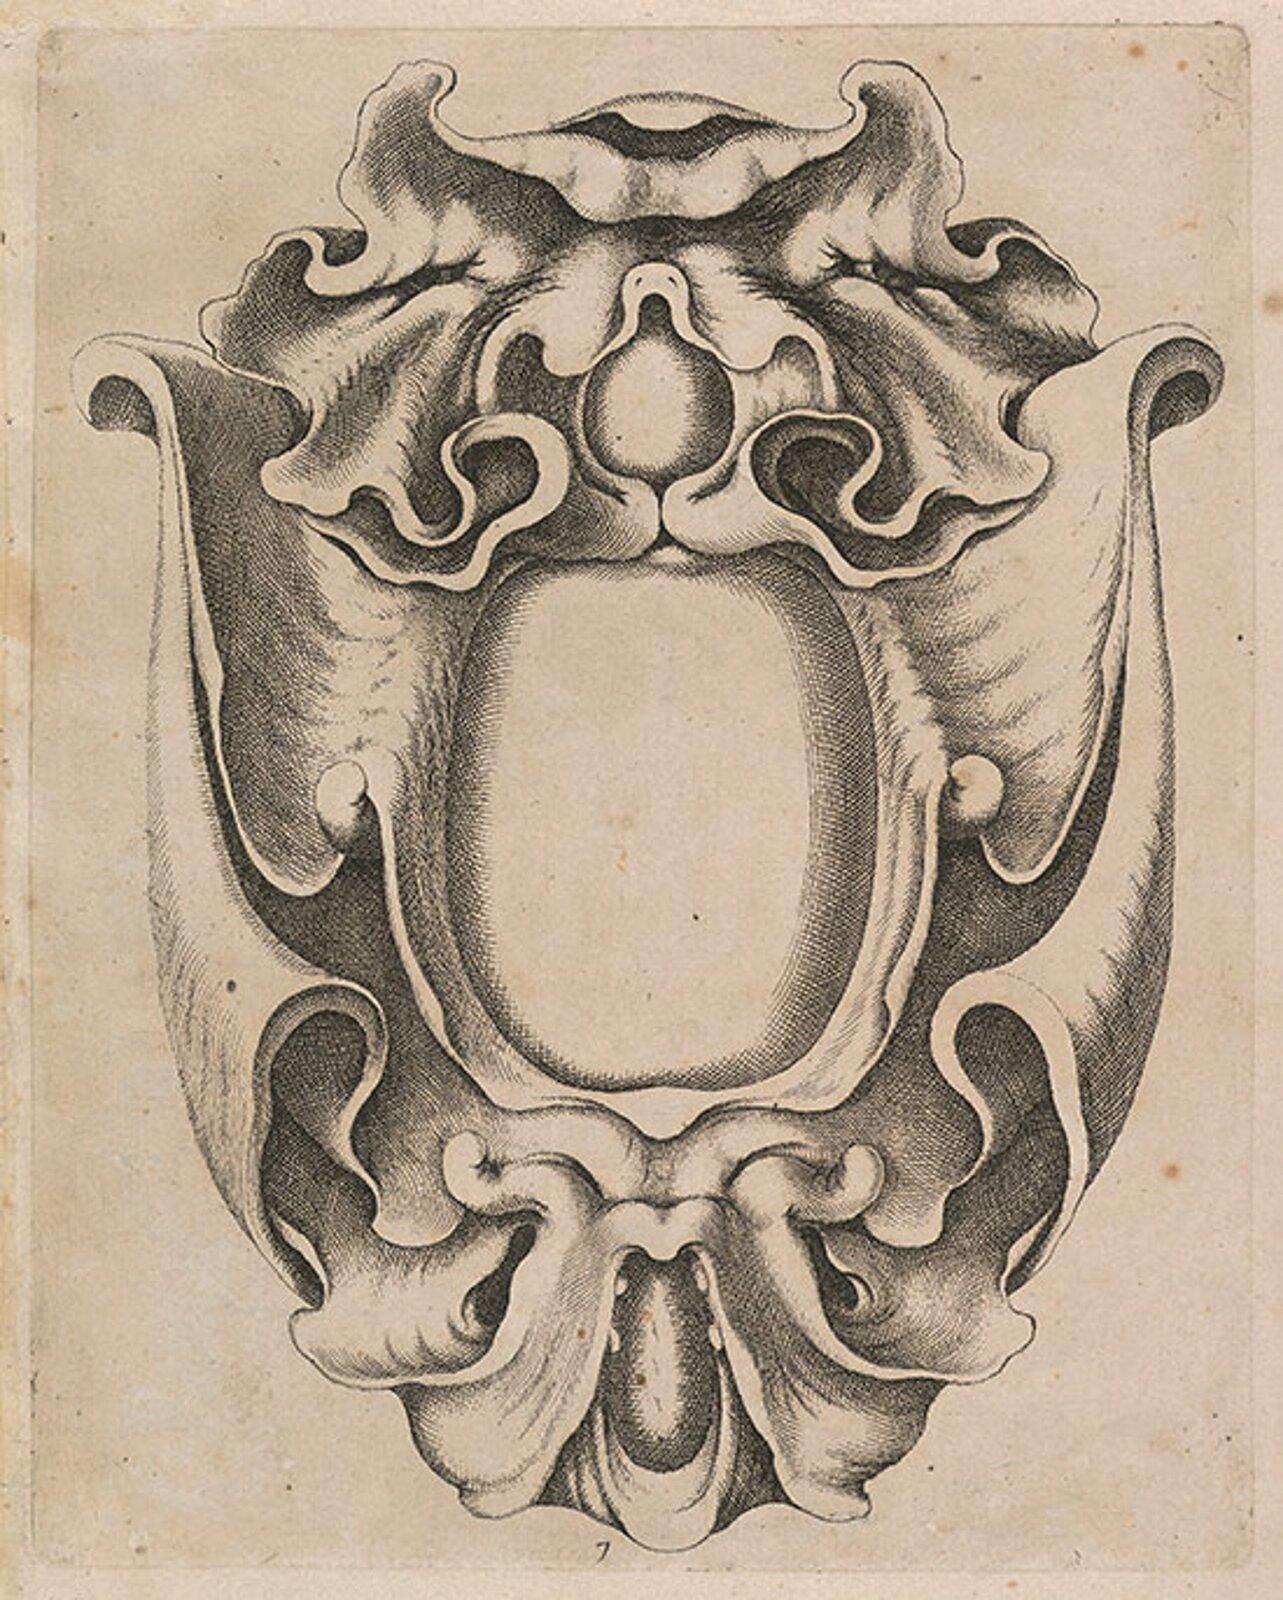 Ilustracja przedstawiająca ornament – małżowinowo-chrząstkowy. Element dekoracyjny naszkicowany jest czarnym kolorem bez wypełenień. Ornament ma kształ jak jajko. Po boku widoczne są zdobienia, które kształtem przypominają zjeżdżalnie.